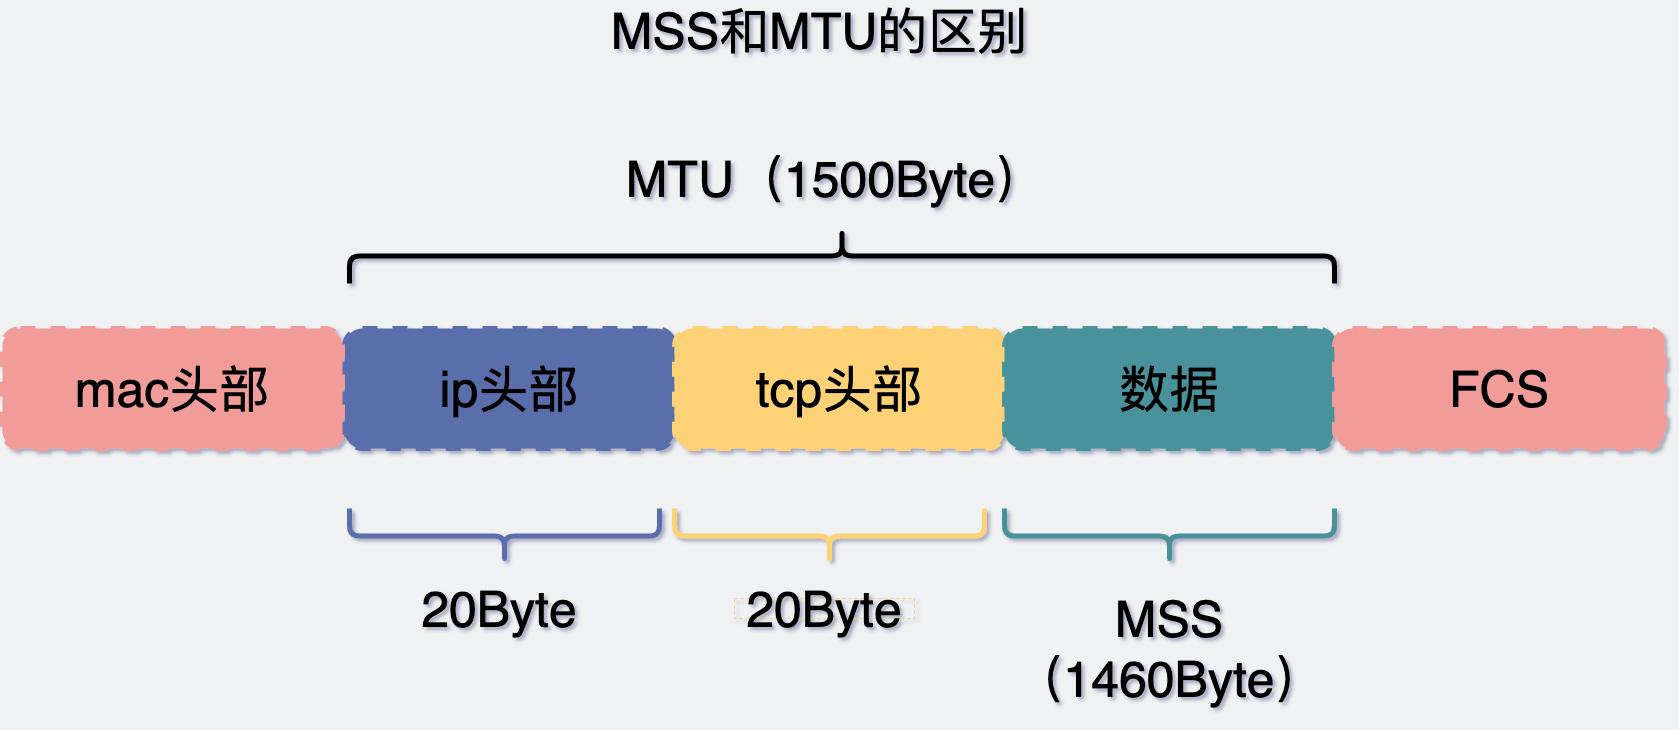 MSS和MTU的区别